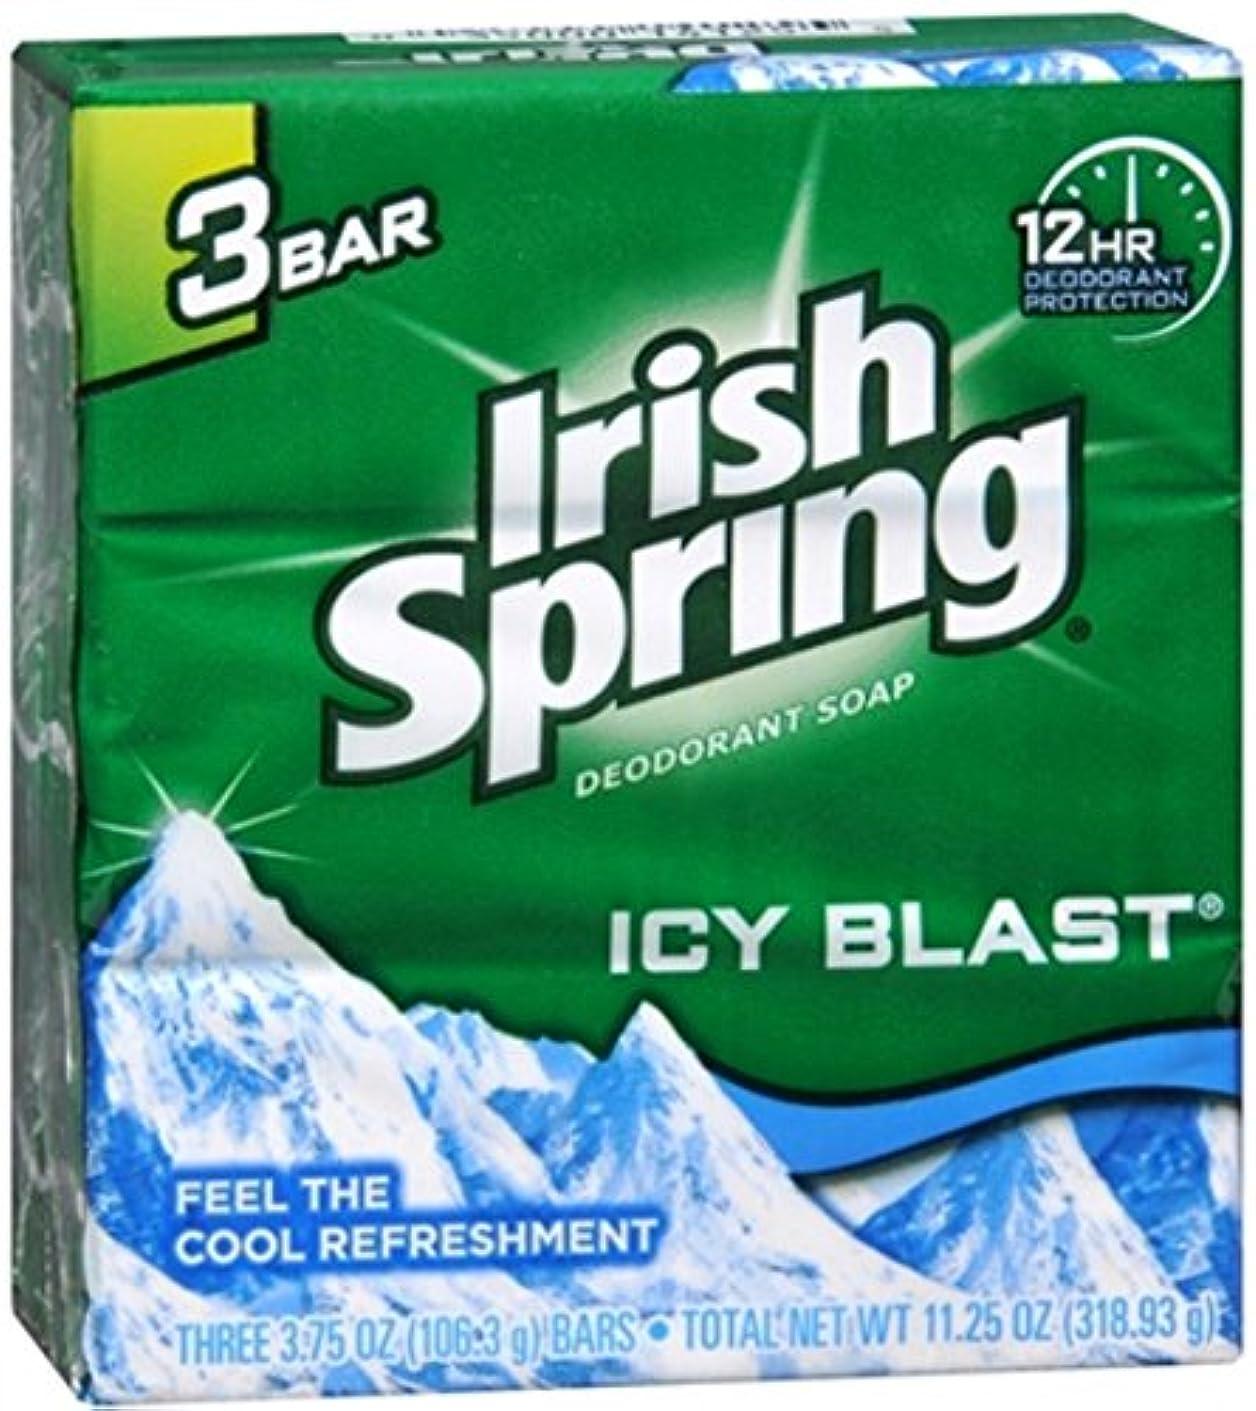 エンジン立派な邪魔するIrish Spring デオドラント石鹸、アイシーブラスト、3.75オズバー、3 Eaは(2パック) 2パック